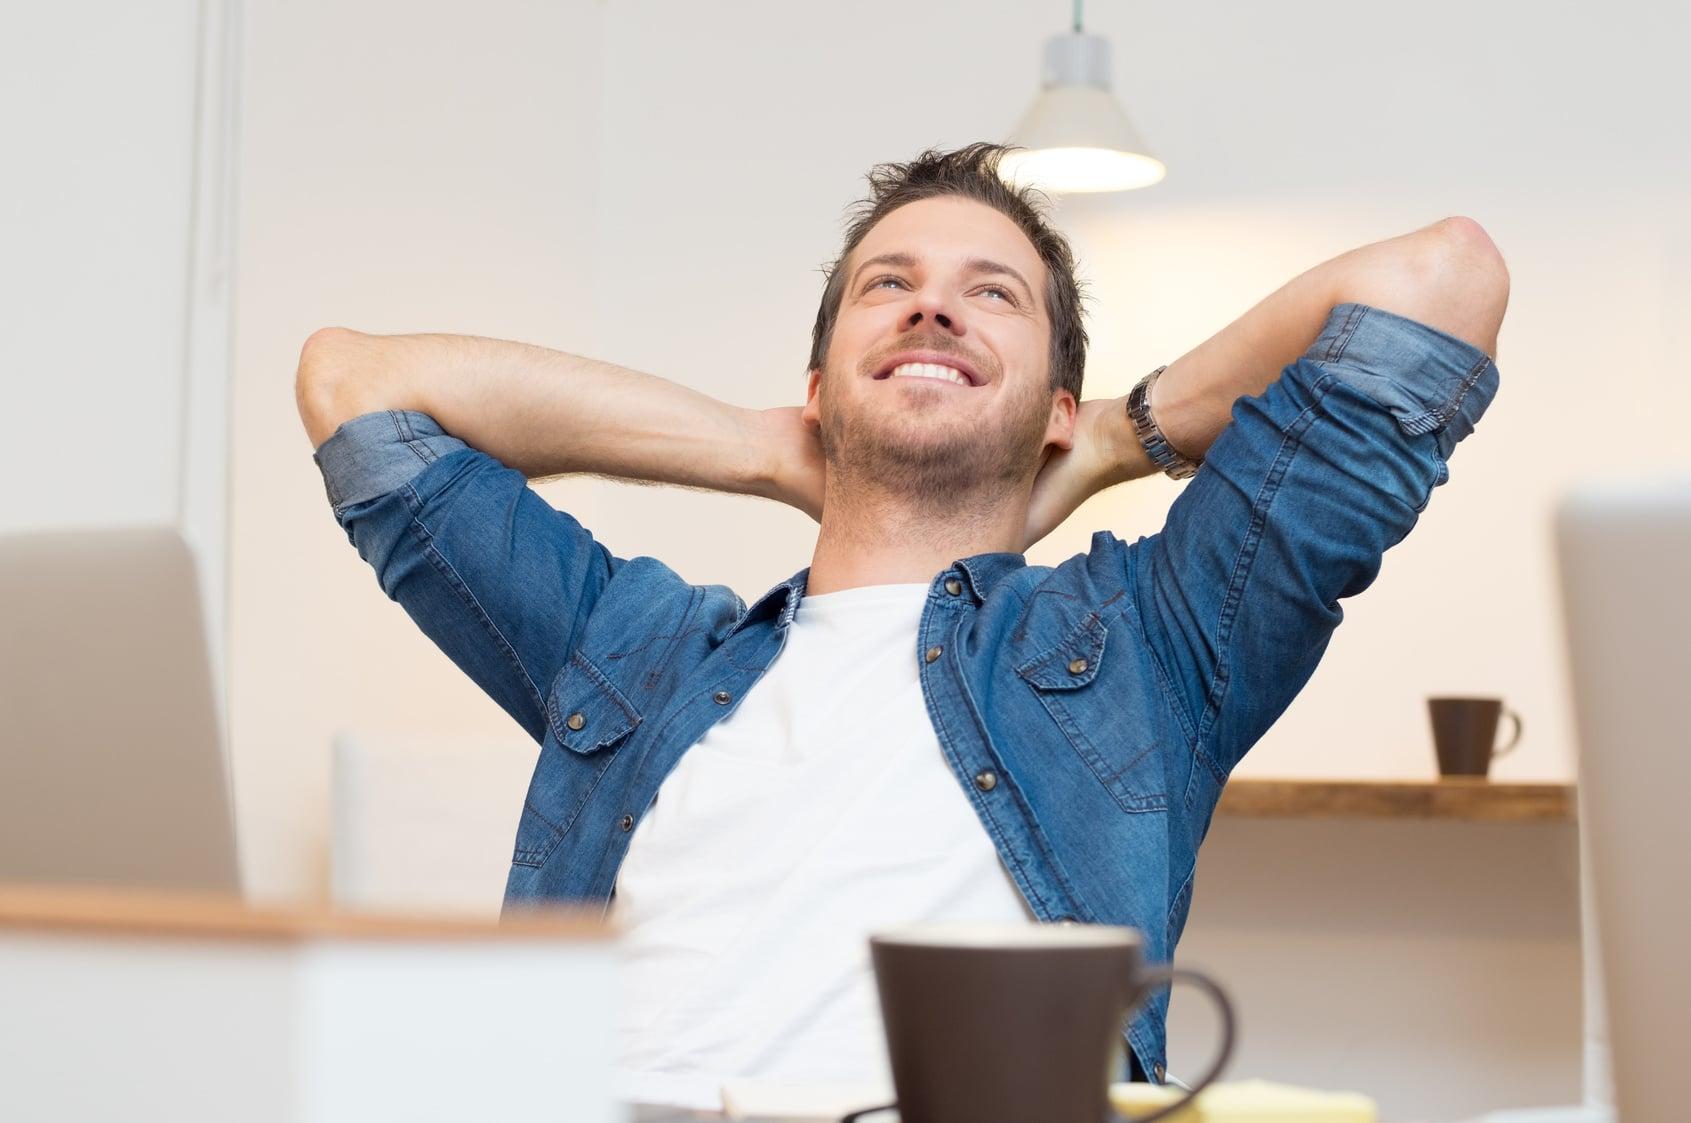 Ein Mann sitzt auf einem Stuhl, hat beide Arme hinter dem Kopf verschränkt und ist nach hinten gelehnt. Er lächelt dabei und zeigt mit seiner Gestik und Mimik, dass er ein starkes Selbstbewusstsein besitzt und dieses auch auslebt. Er hat kurze braune Haare, einen 3 Tage Bart und ist bekleidet mit einem bleuen Jeanshemd und weissen T-shirt. Im Vordergrund ist eine braune Tasse zu sehen und der Hintergrund ist schlicht weiss gehalten.